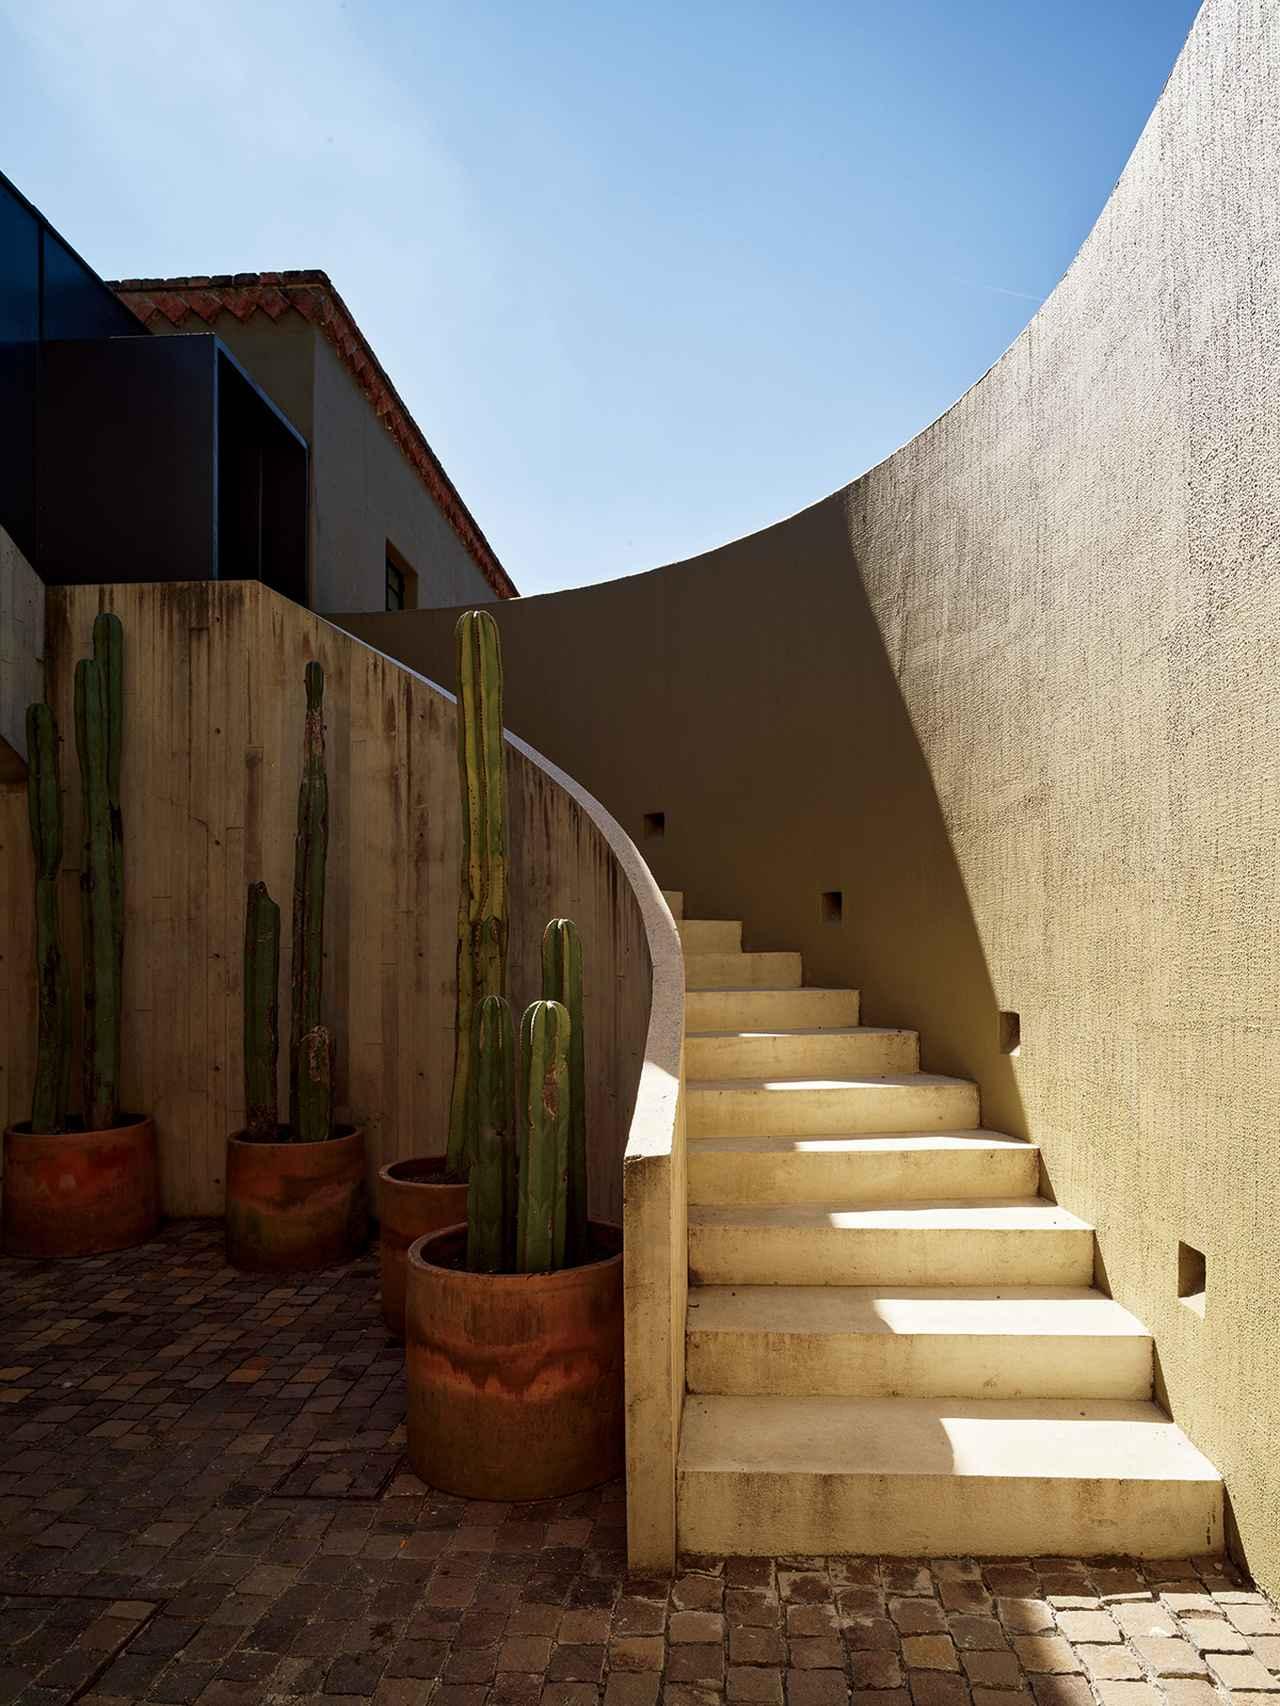 Images : 3番目の画像 - 「伝統と新風が共存する メキシコ第二の都市 グアダラハラの建築<前編>」のアルバム - T JAPAN:The New York Times Style Magazine 公式サイト